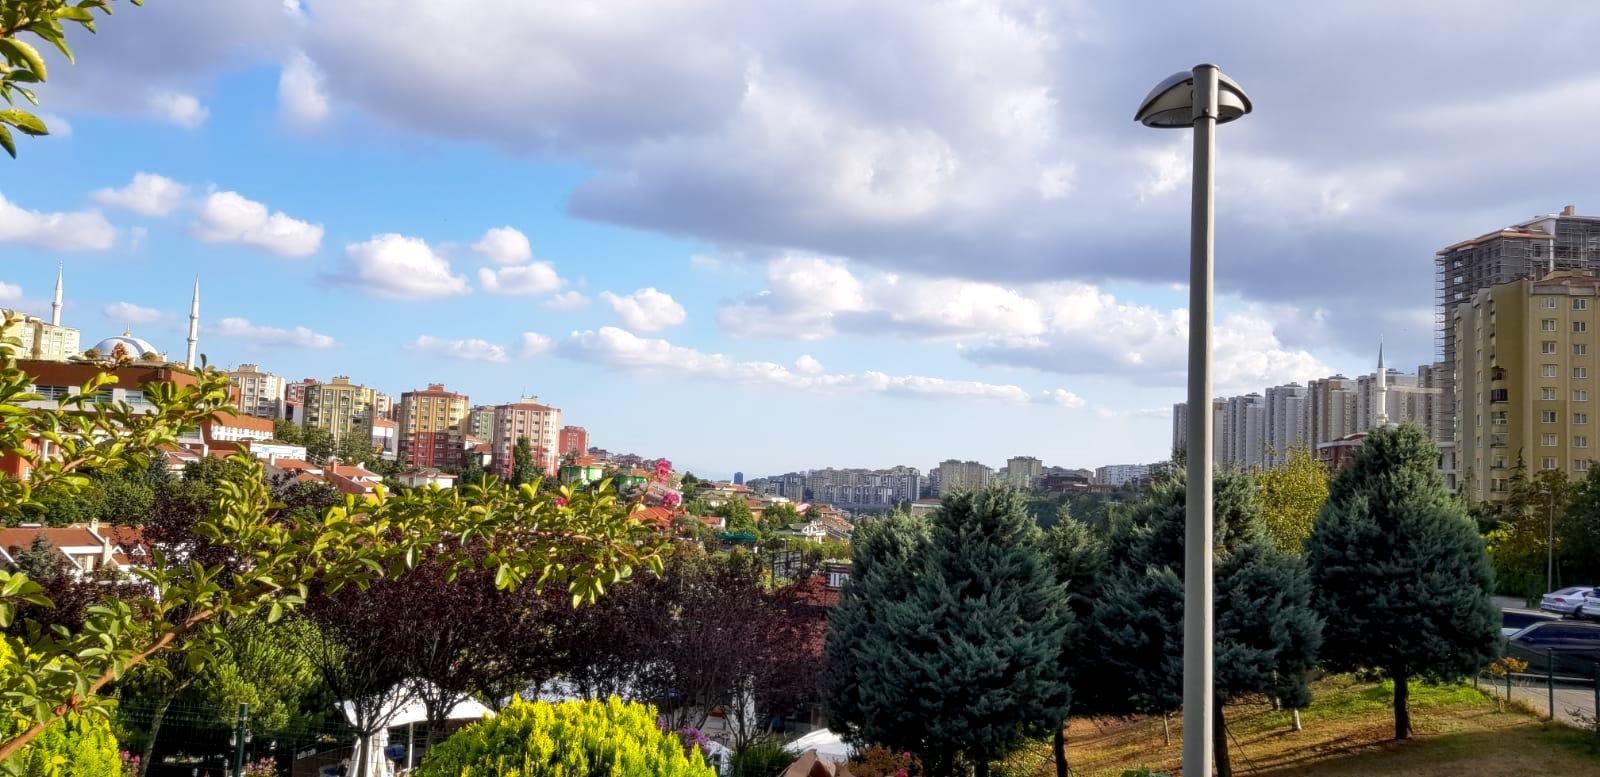 Auswandern in die Türkei 2021: das musst Du wissen